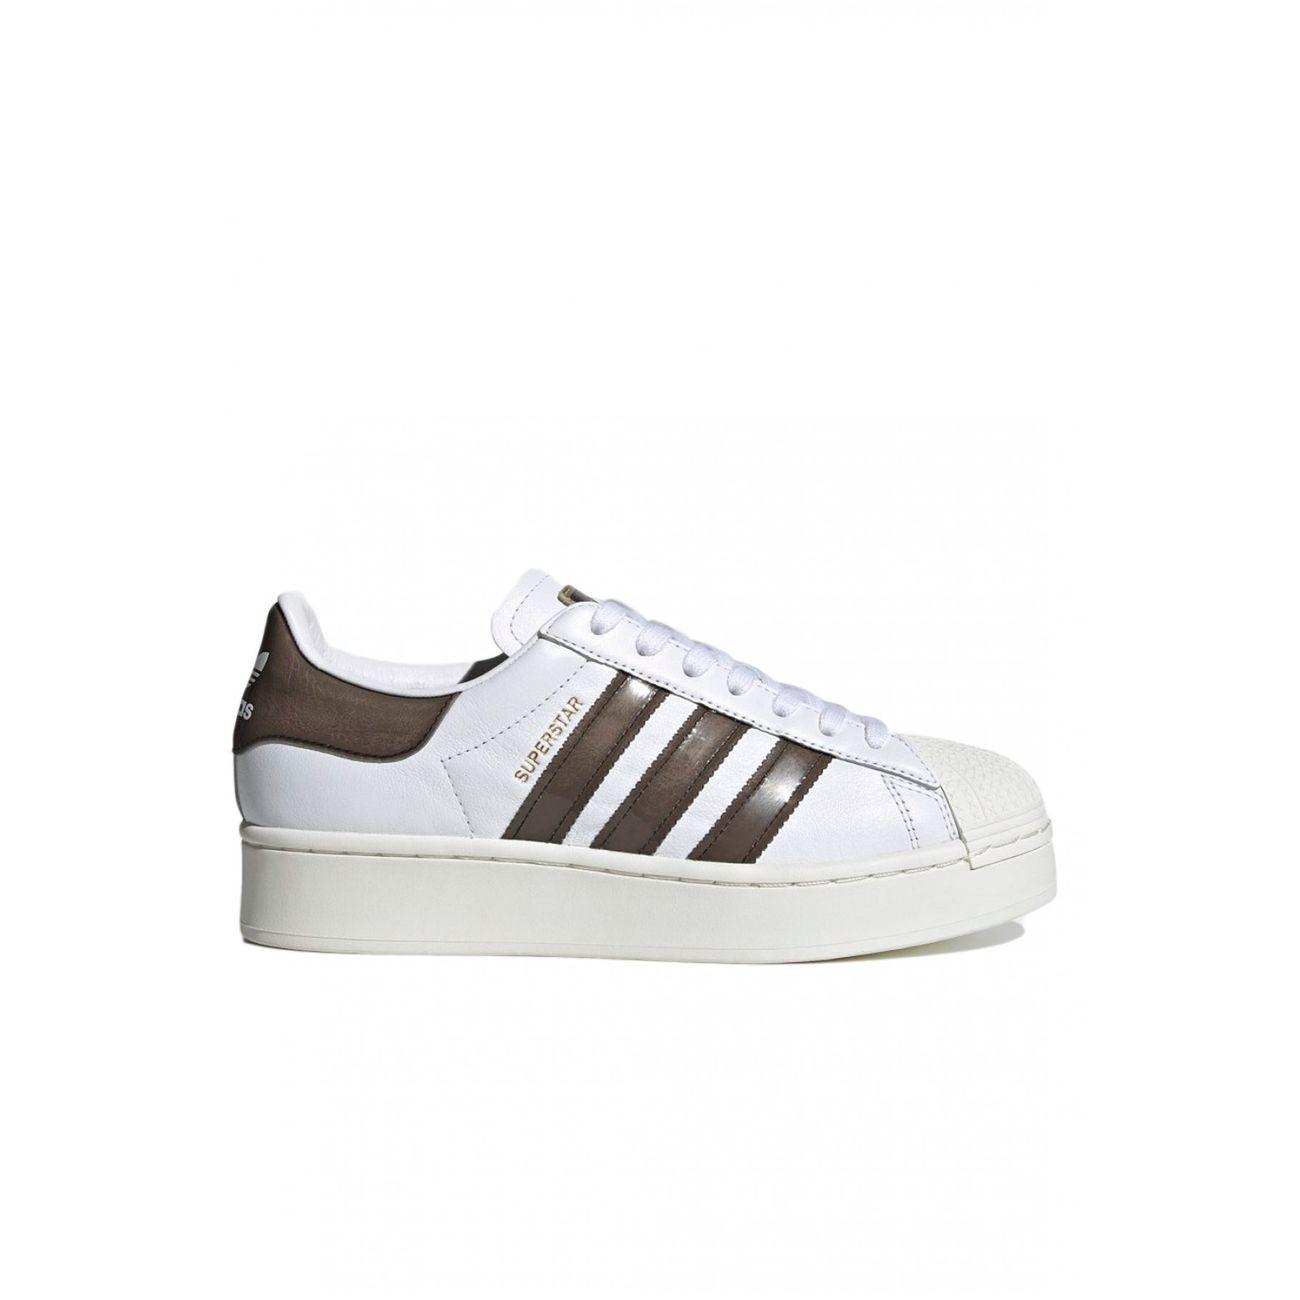 Sneakers à plateforme en cuir Superstar - Adidas - Femme – achat ...